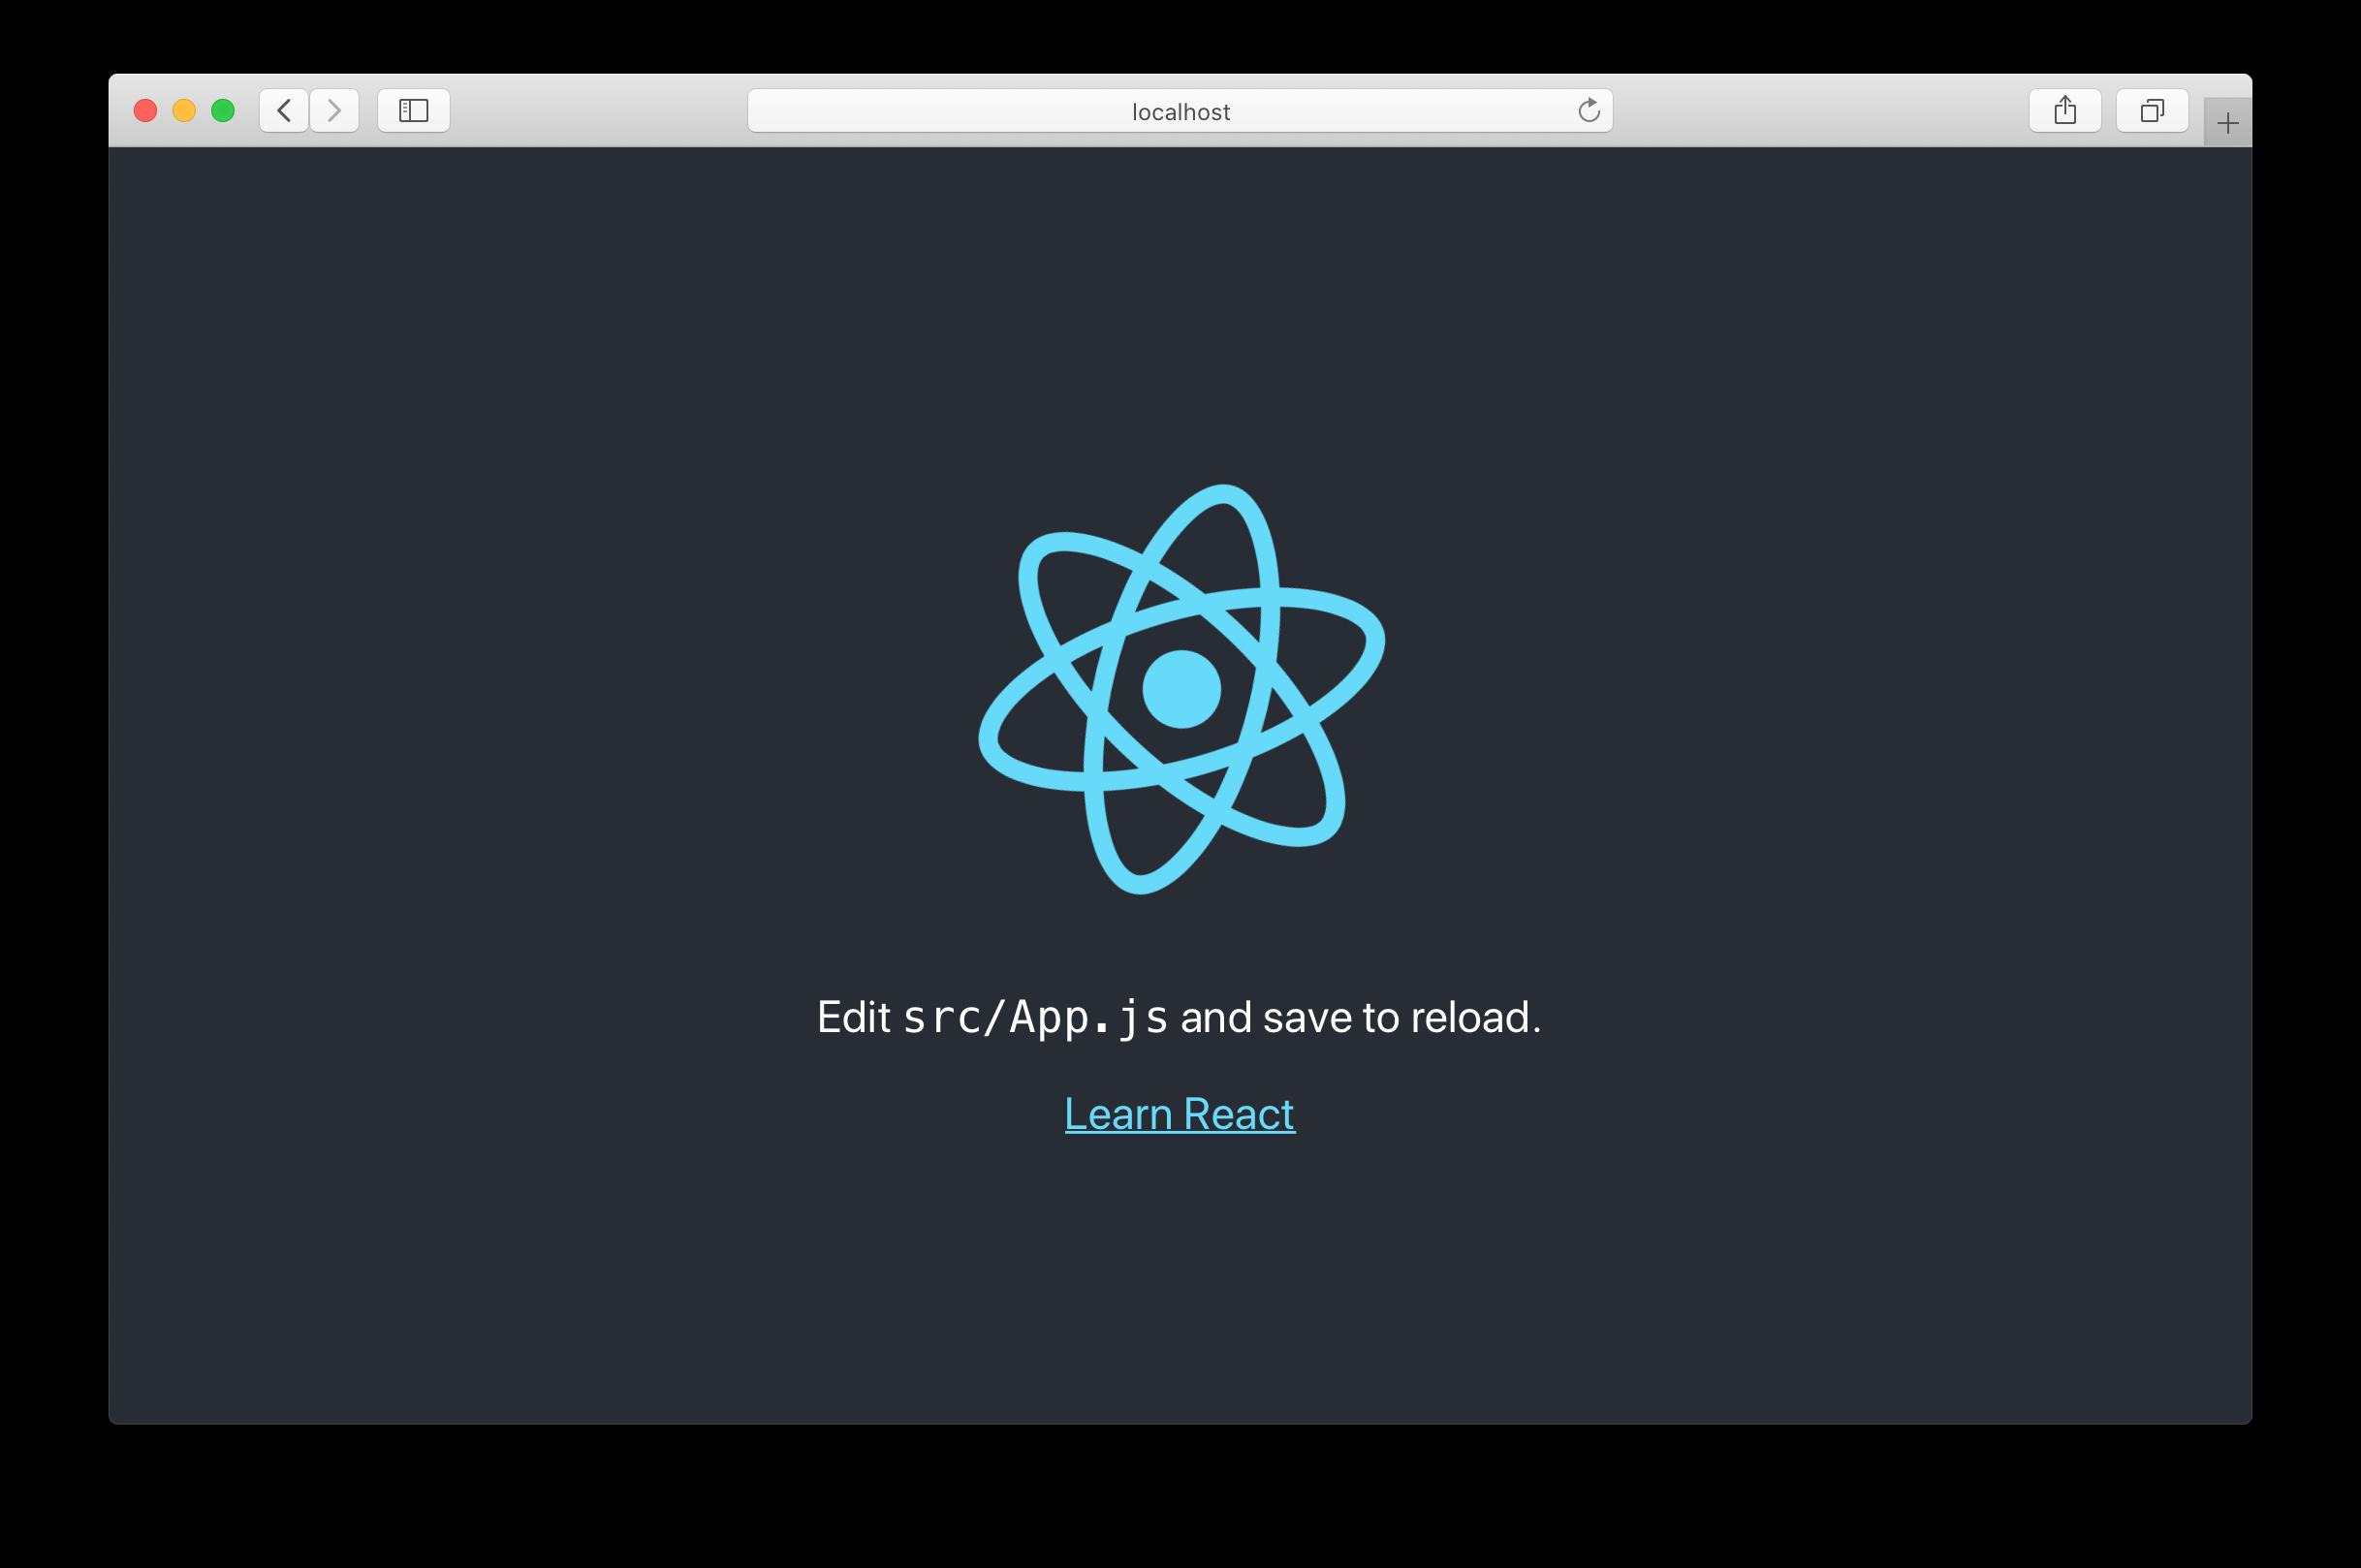 신규 Create React App 화면